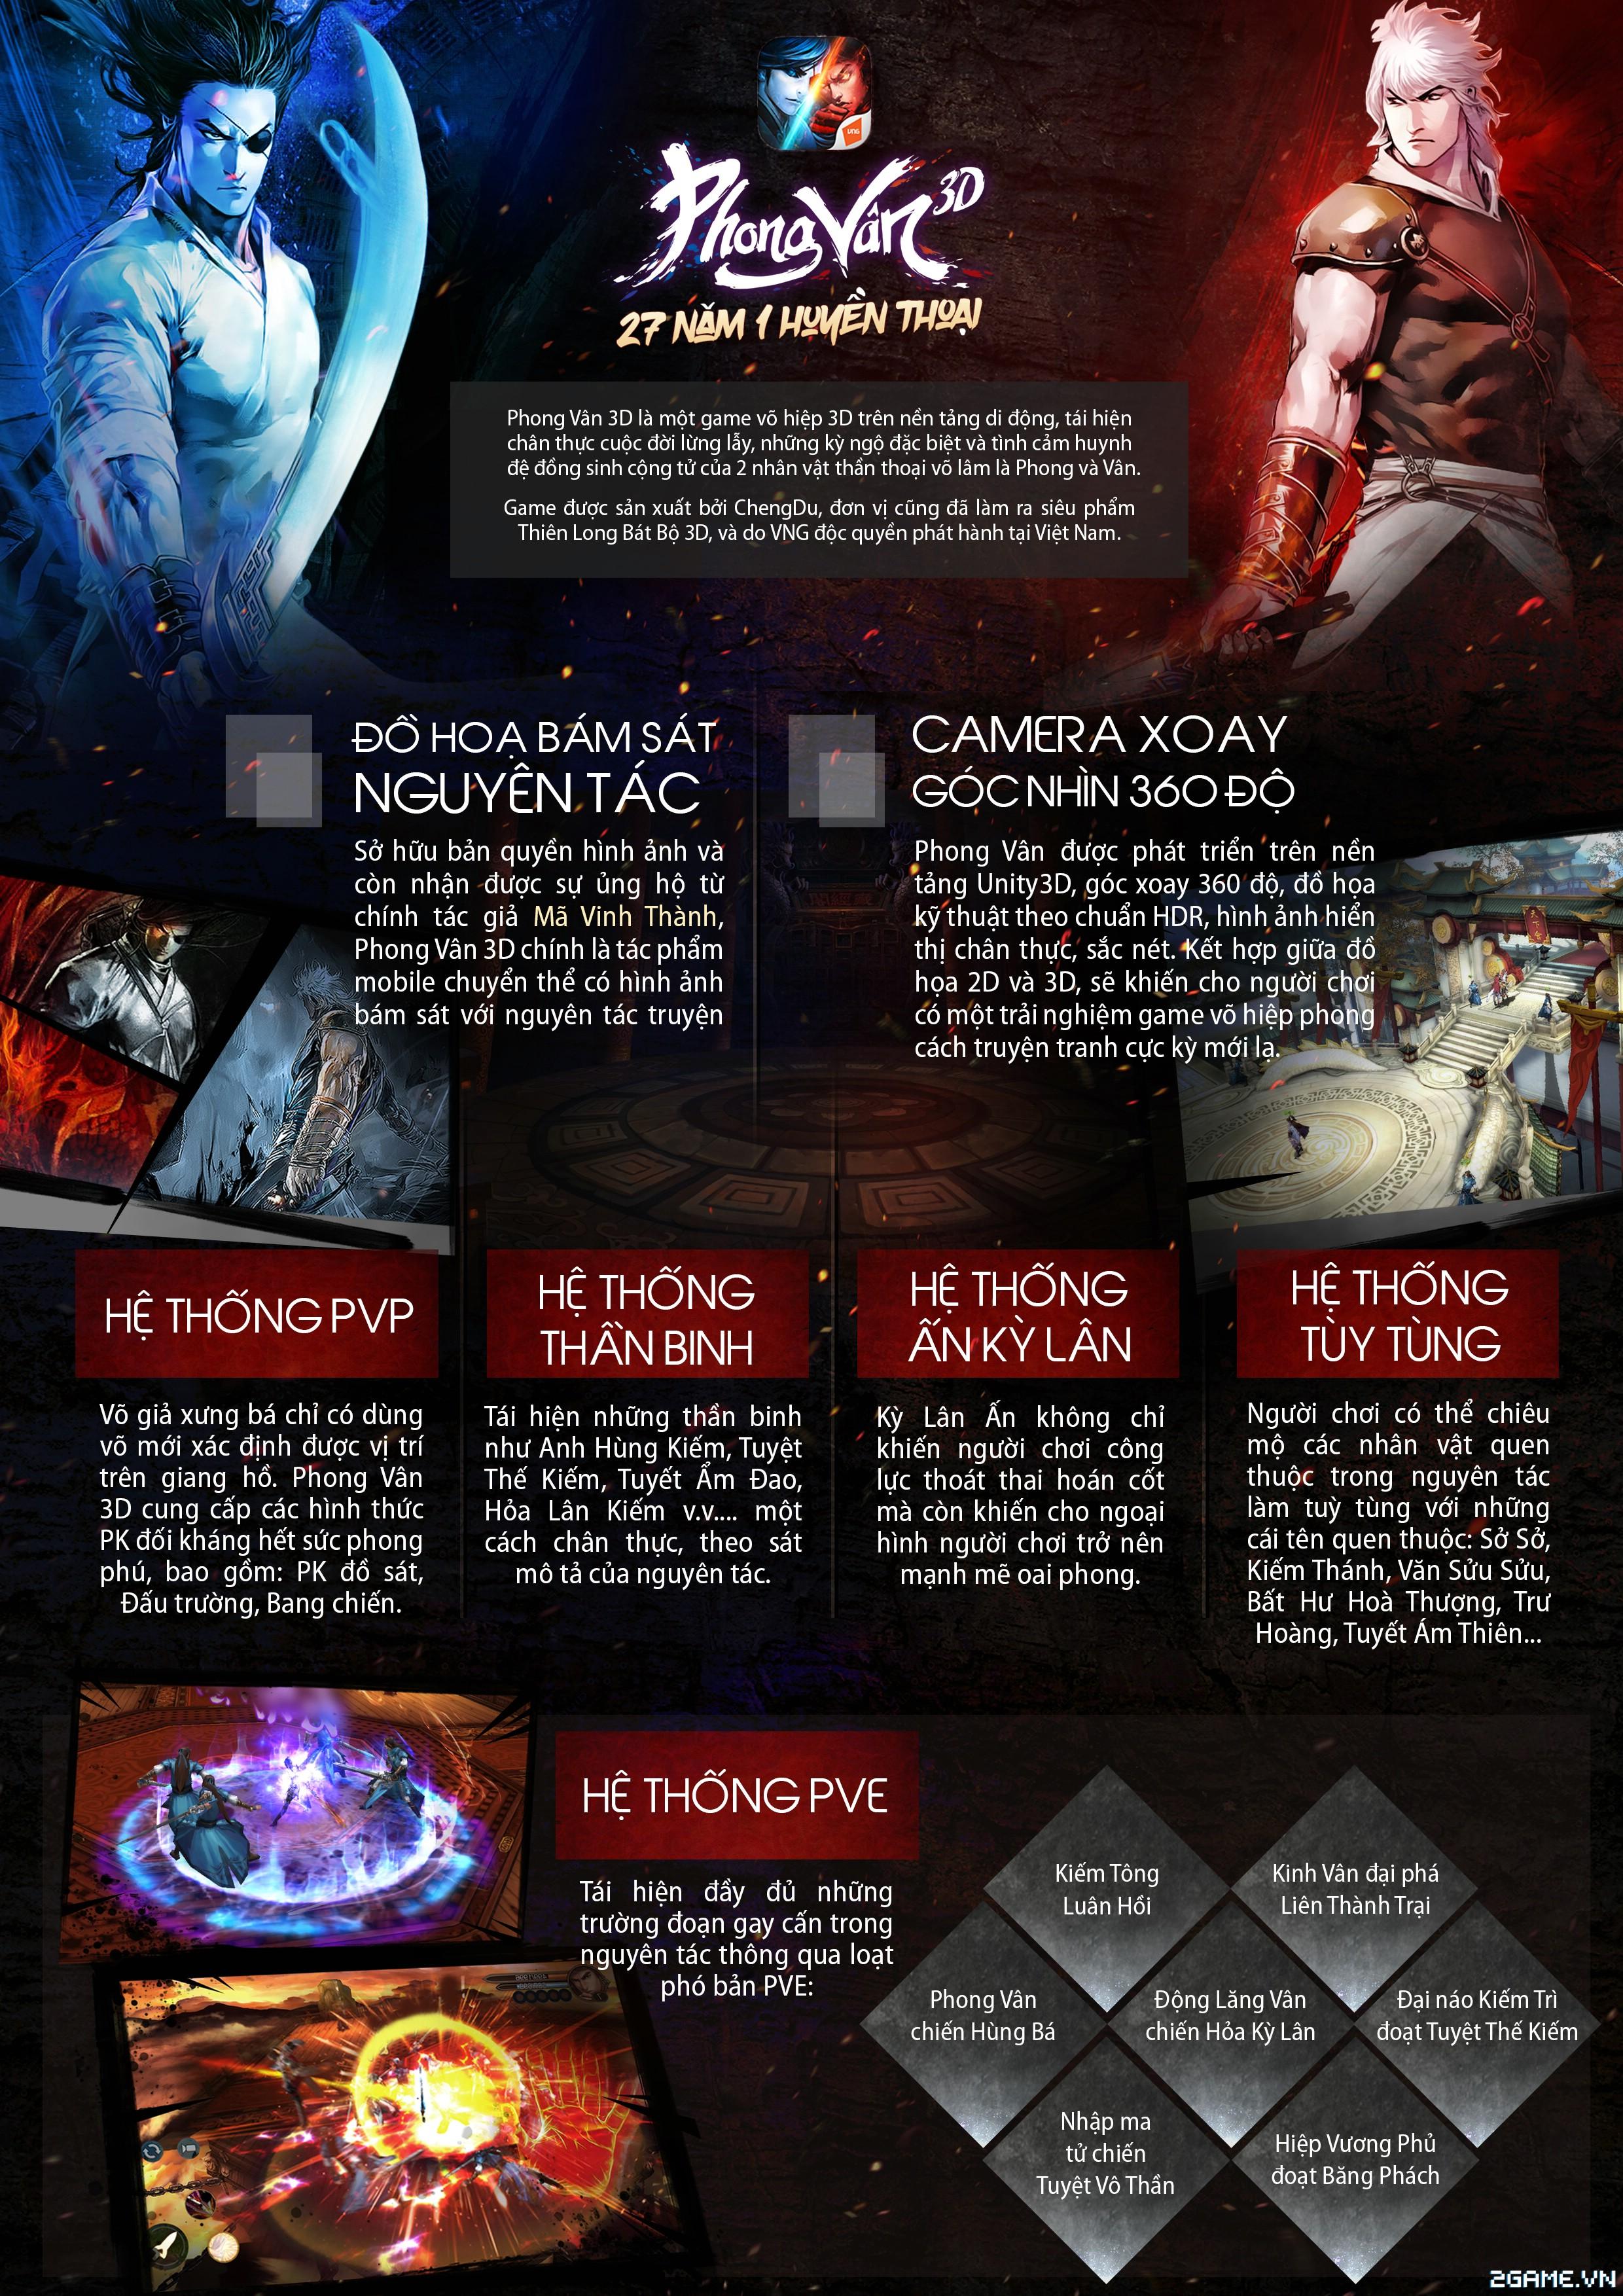 Tổng quan về game Phong Vân 3D trước thềm ra mắt tại Việt Nam 2